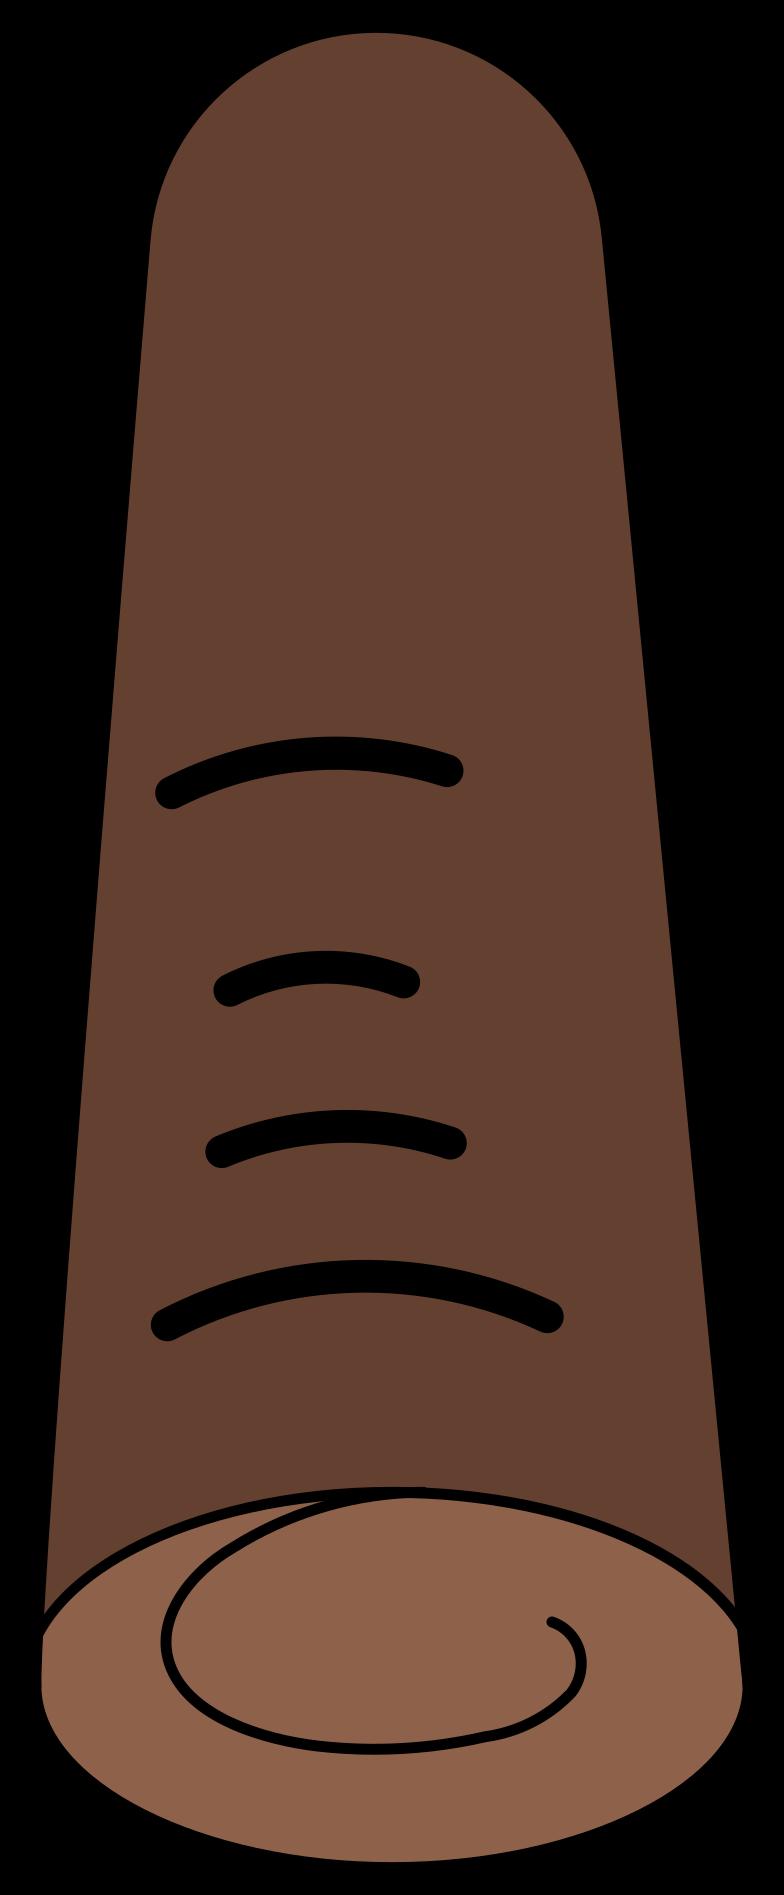 log Clipart illustration in PNG, SVG